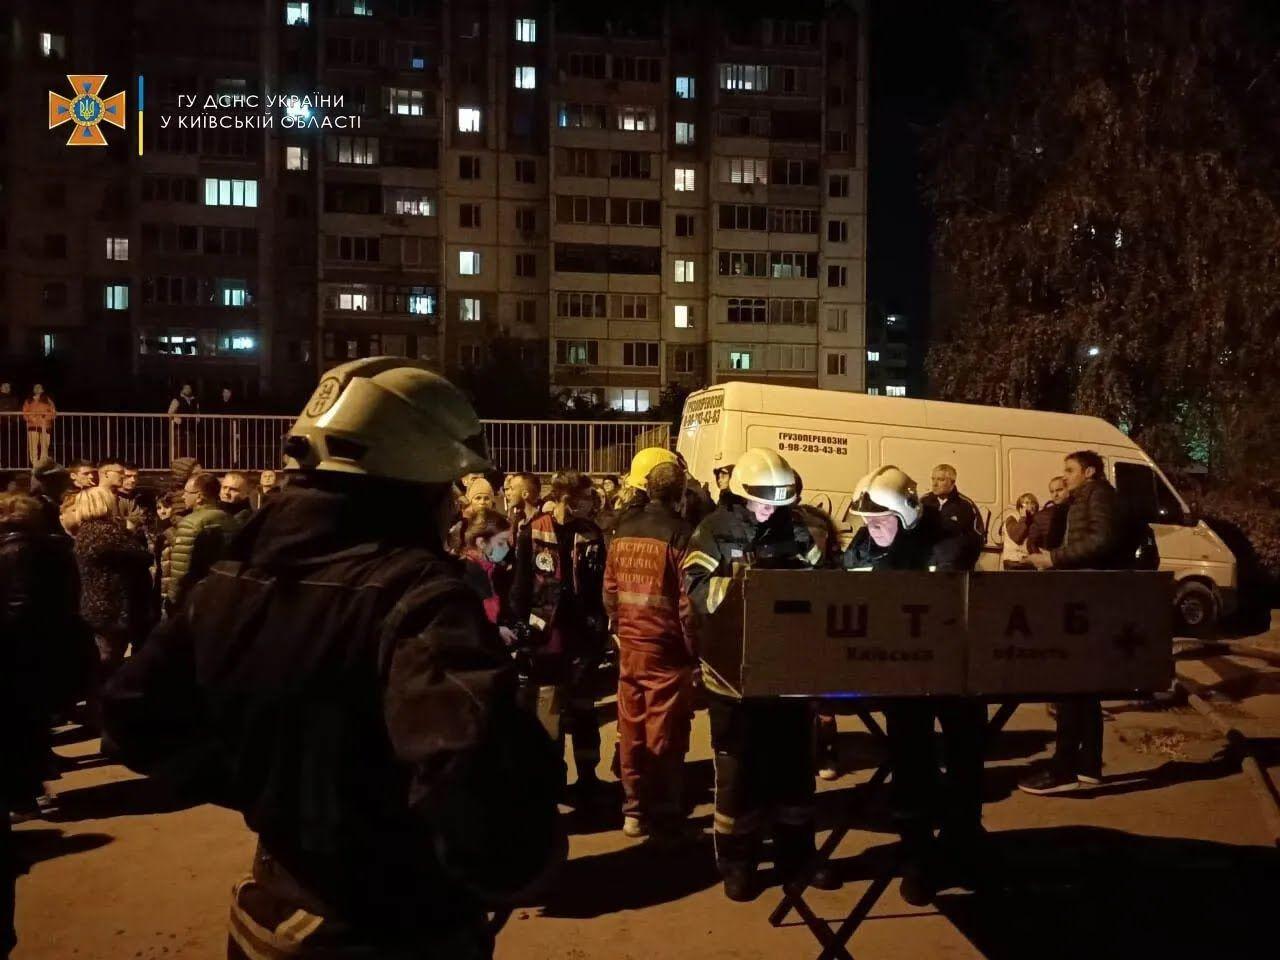 Пожарные спасли женщину и ребенка.